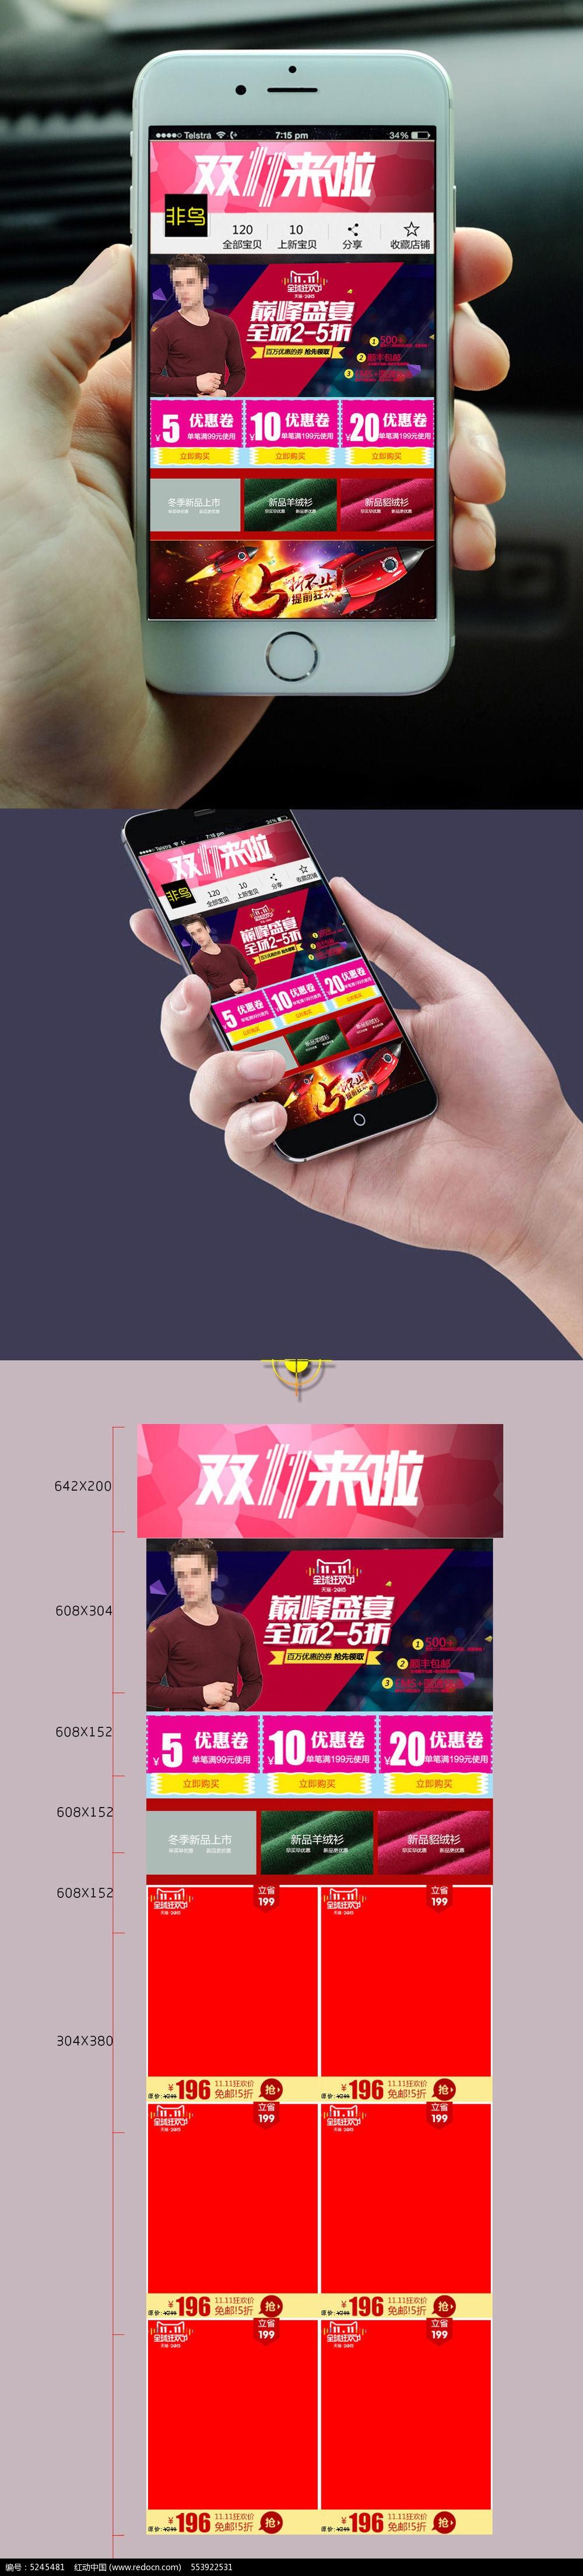 天猫淘宝双11来啦手机端店铺模板图片下载